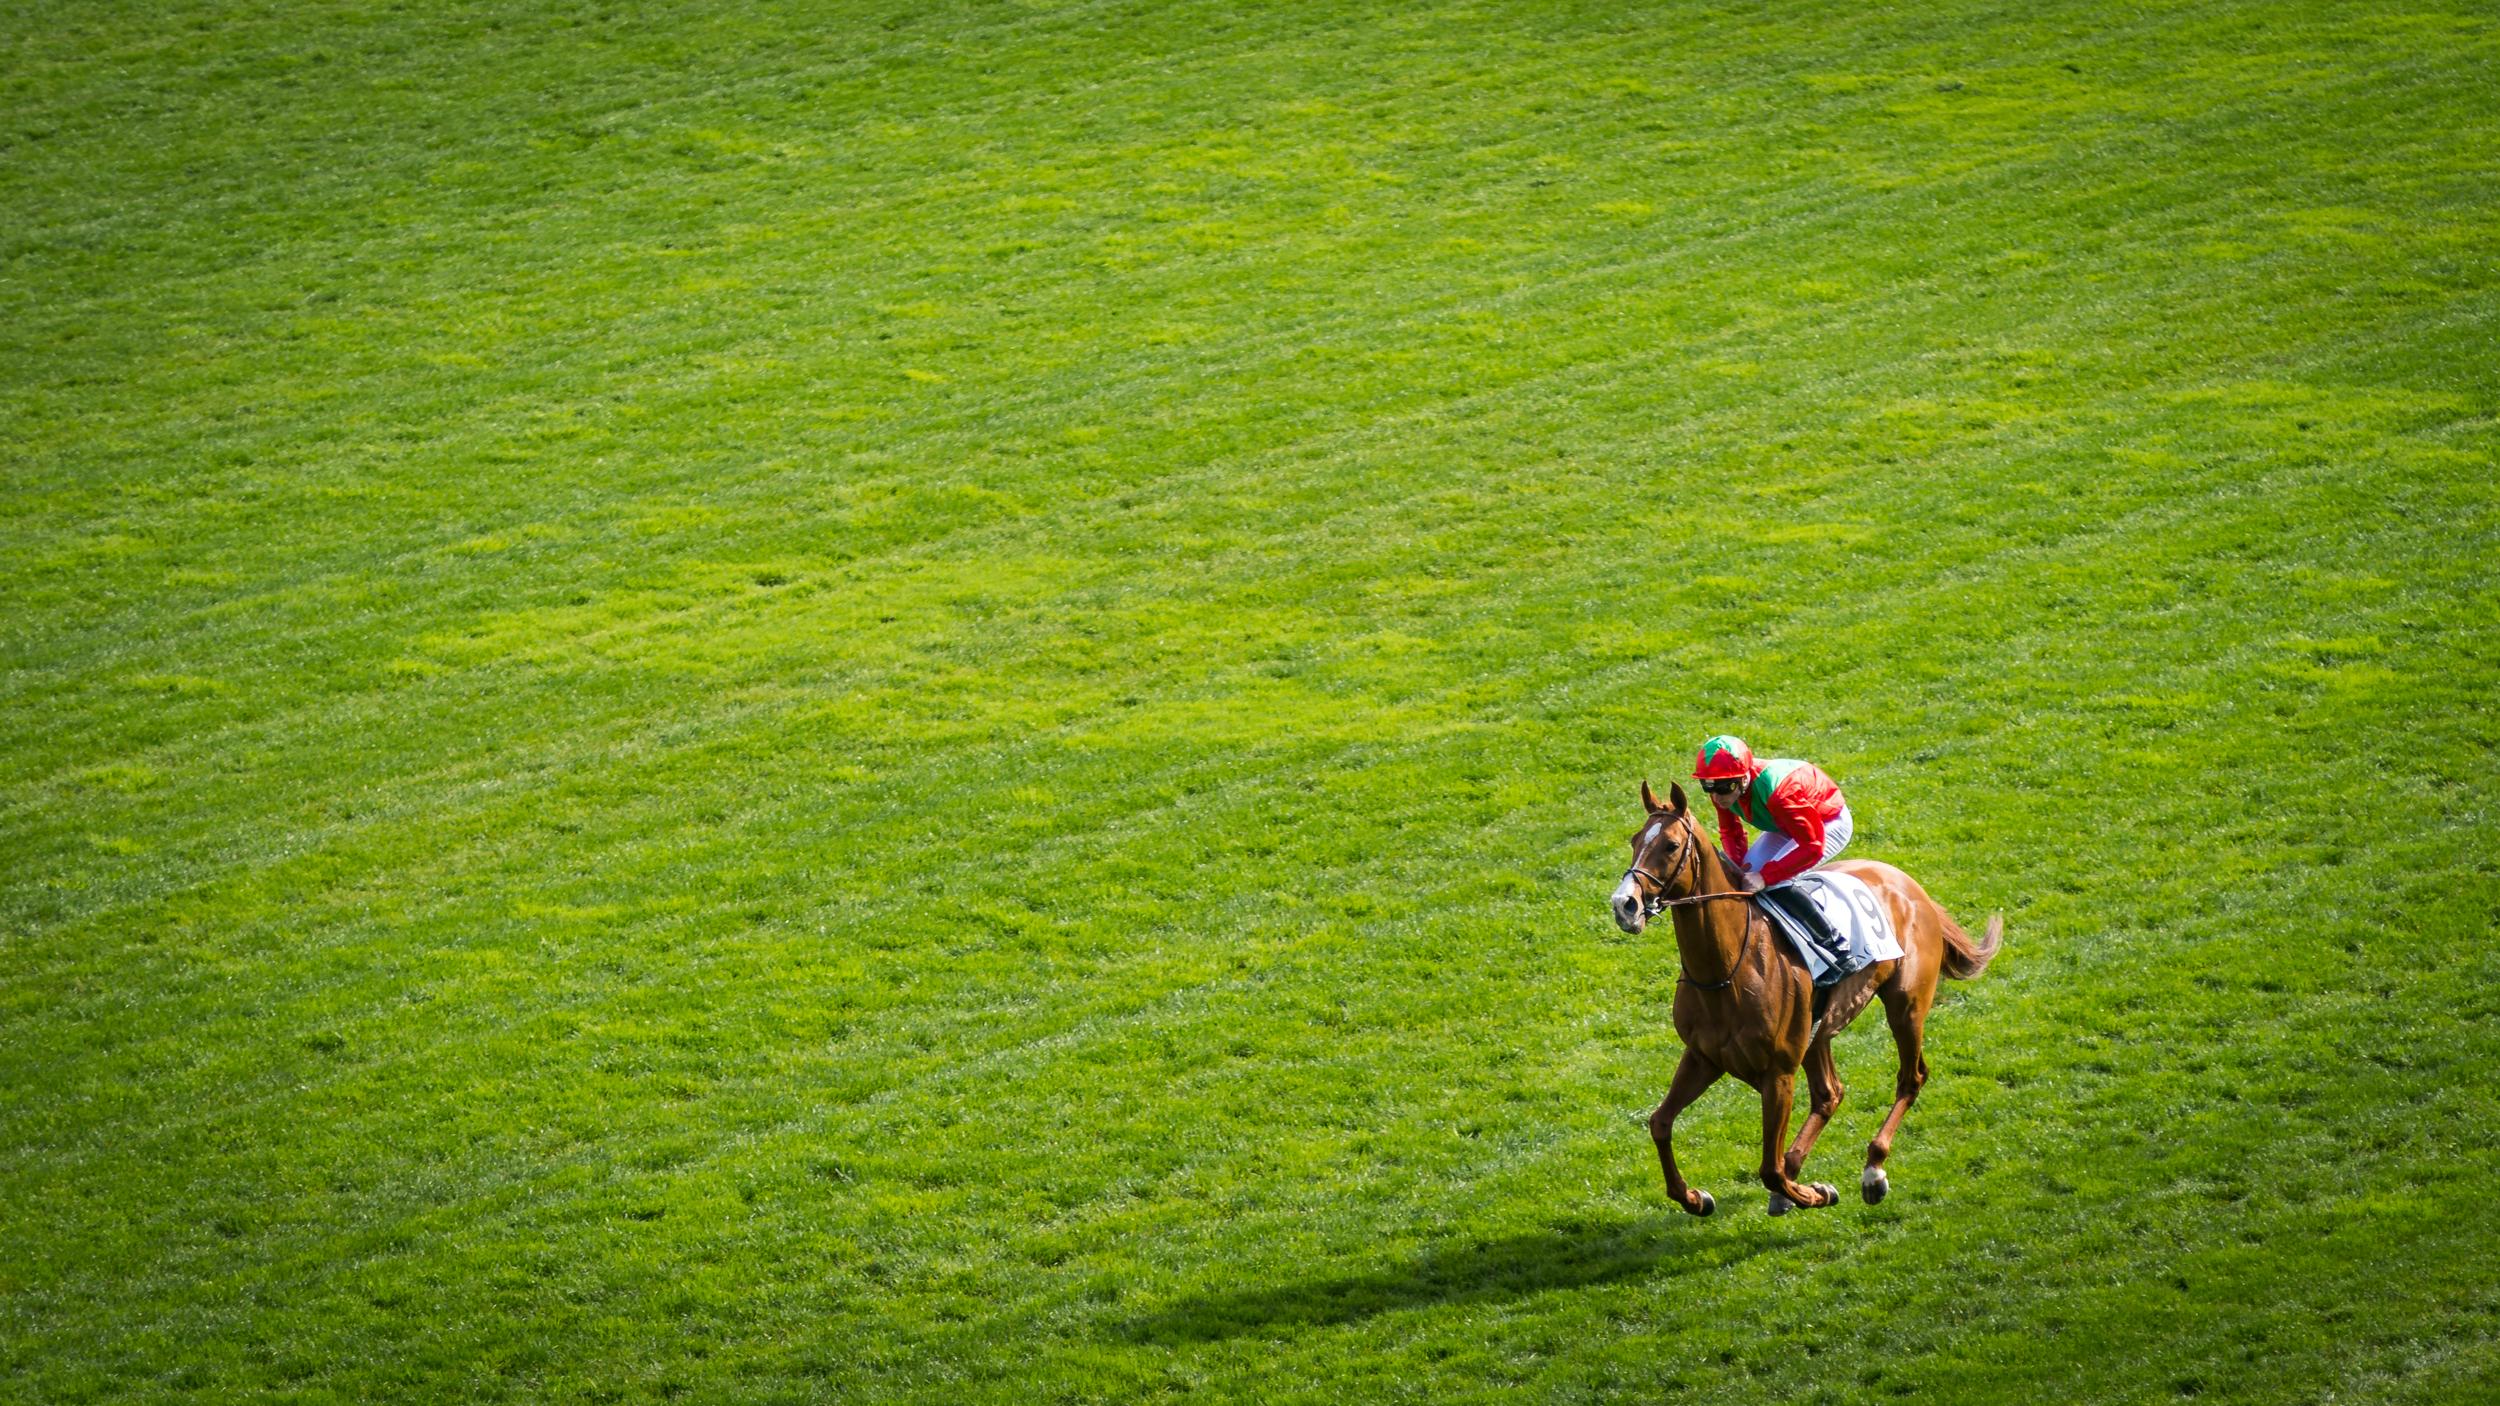 Longchamp 08-04-18 © Florian Léger - SHARE & DARE-05981.jpg